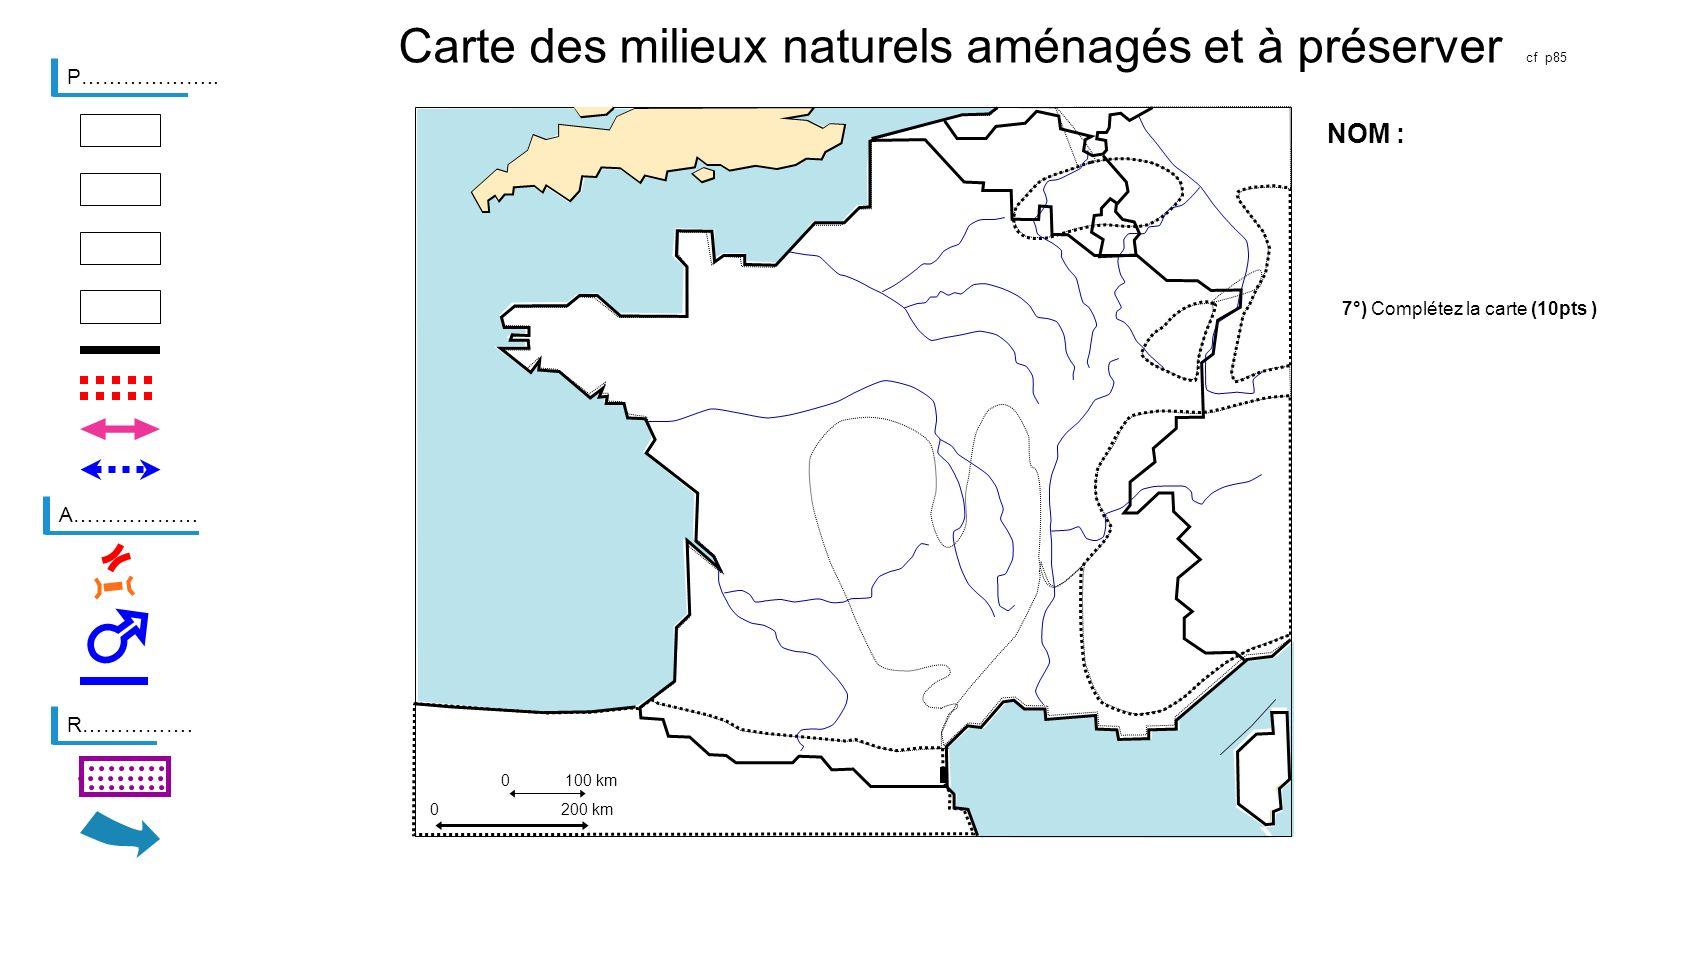 Carte des milieux naturels aménagés et à préserver cf p85